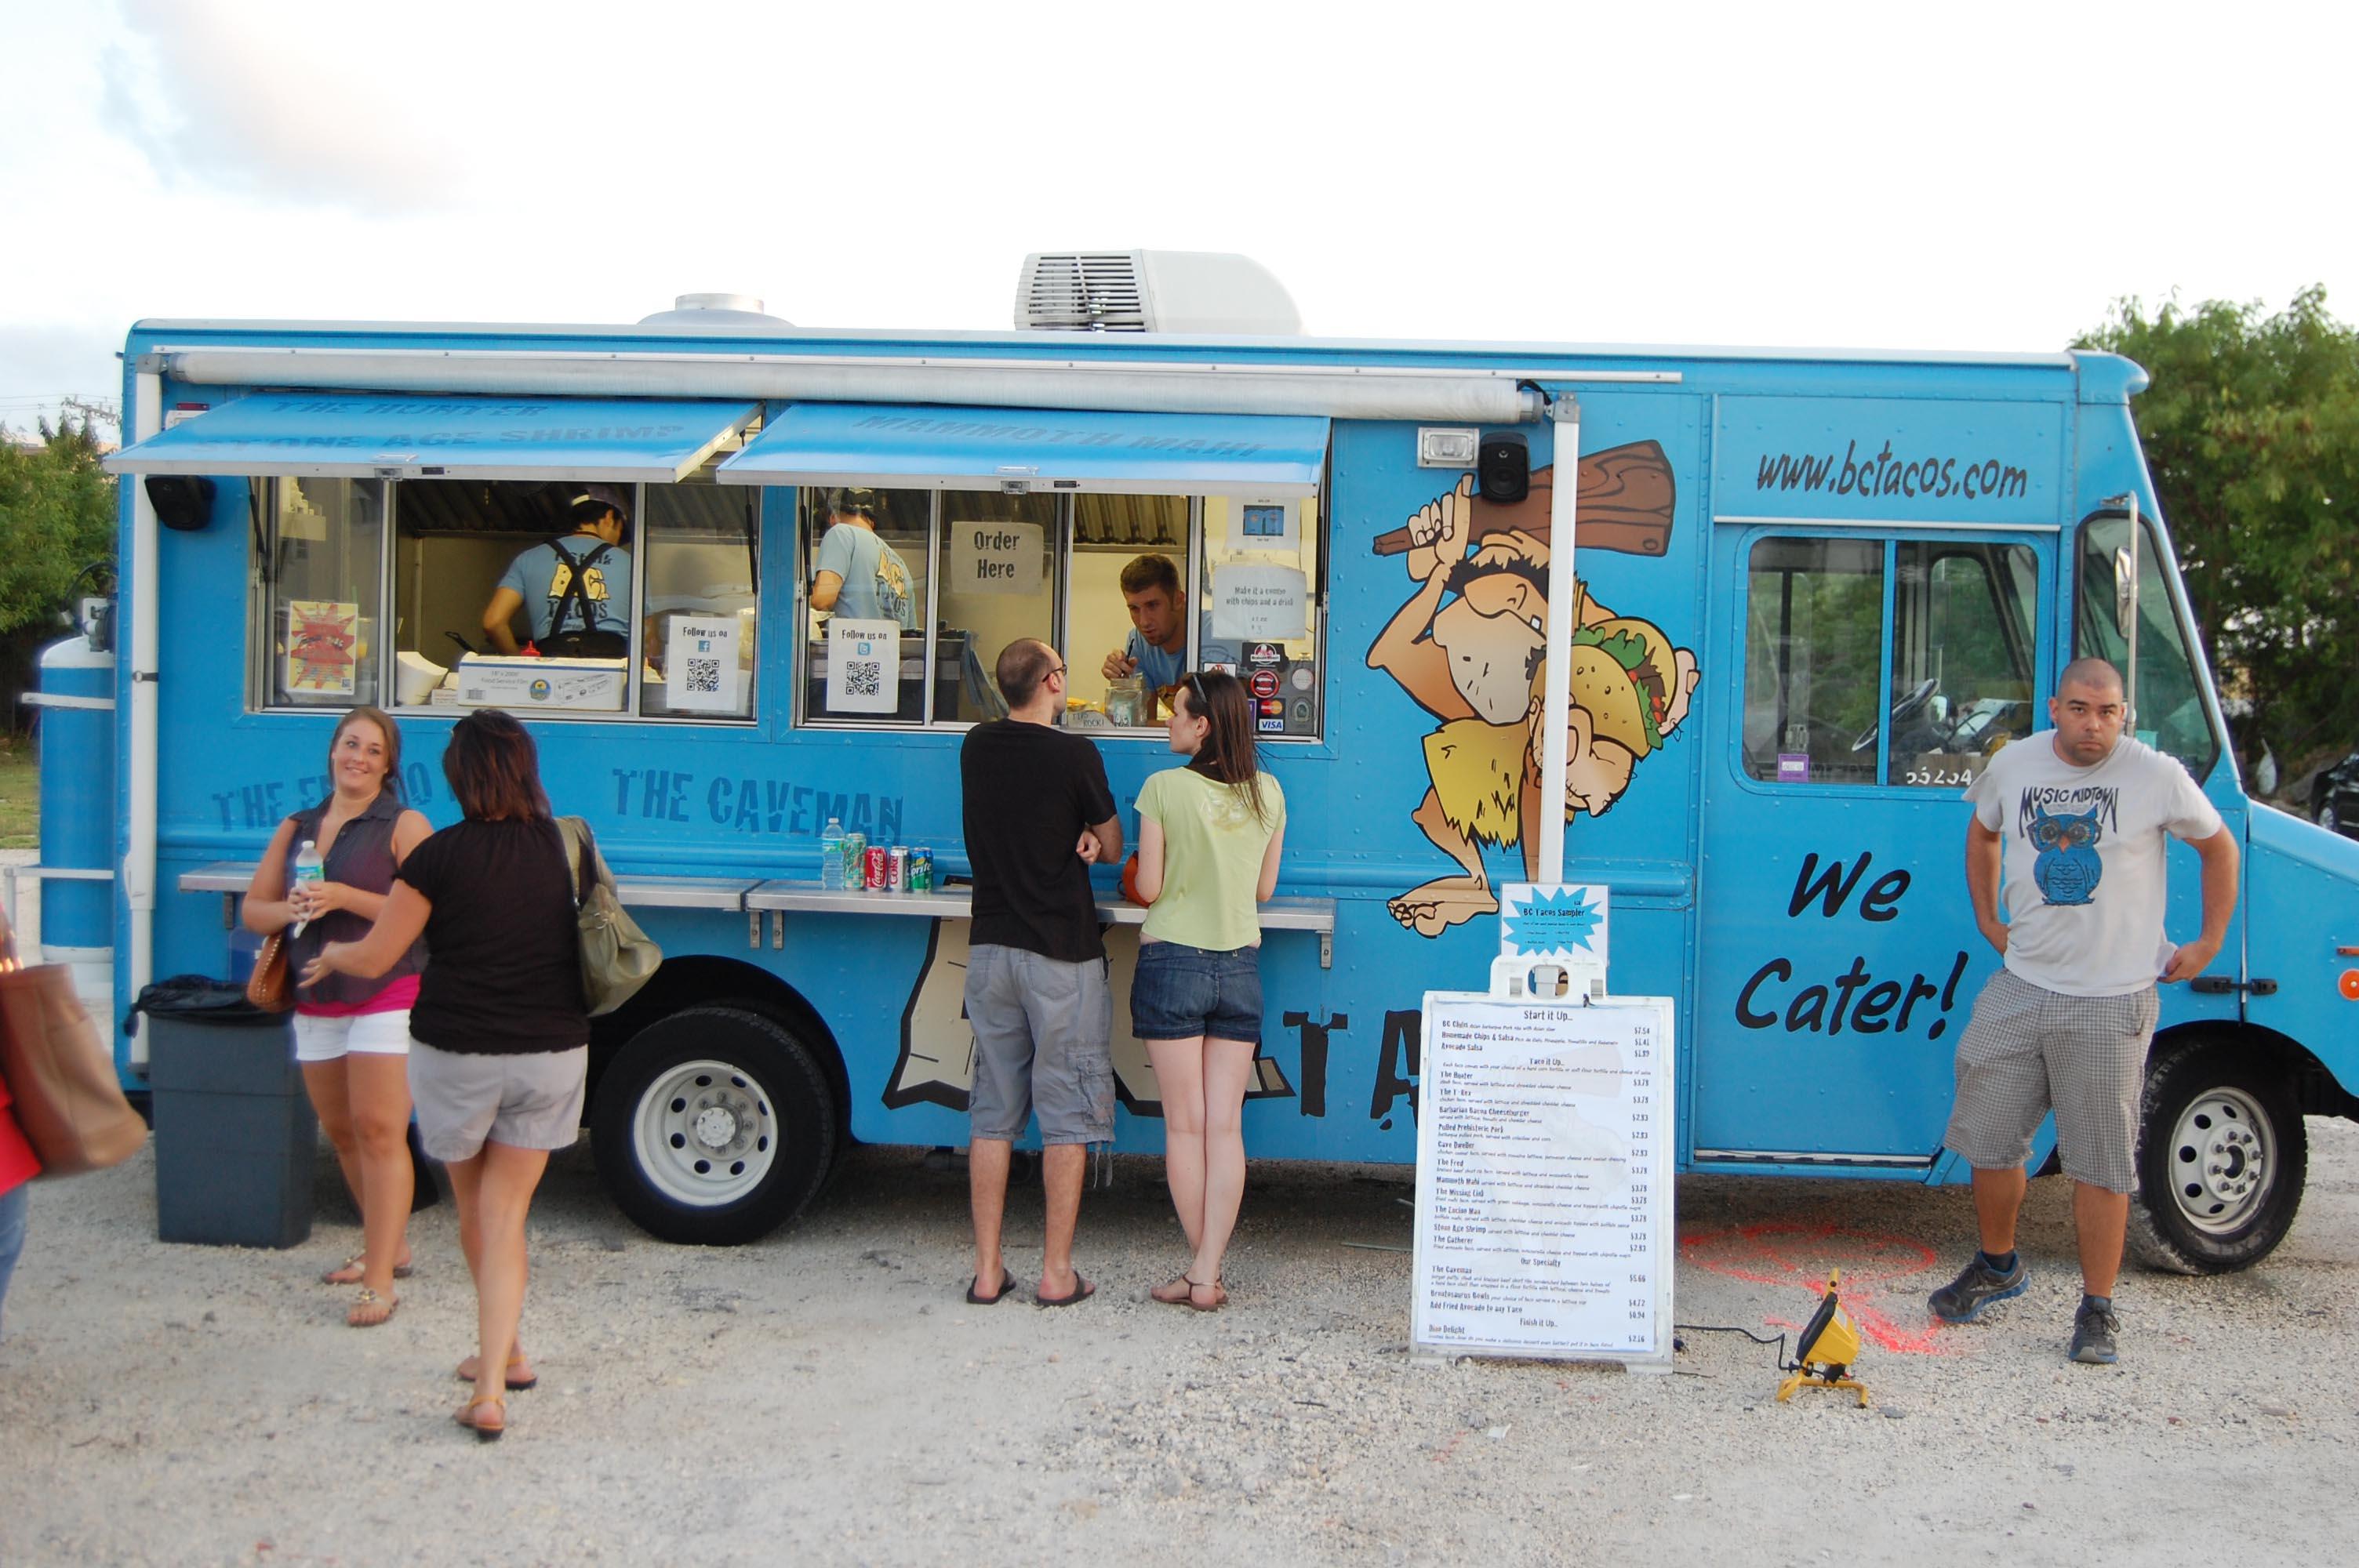 BC Tacos @ 2900 High Ridge Rd #3, Boynton Beach, FL 33426, USA